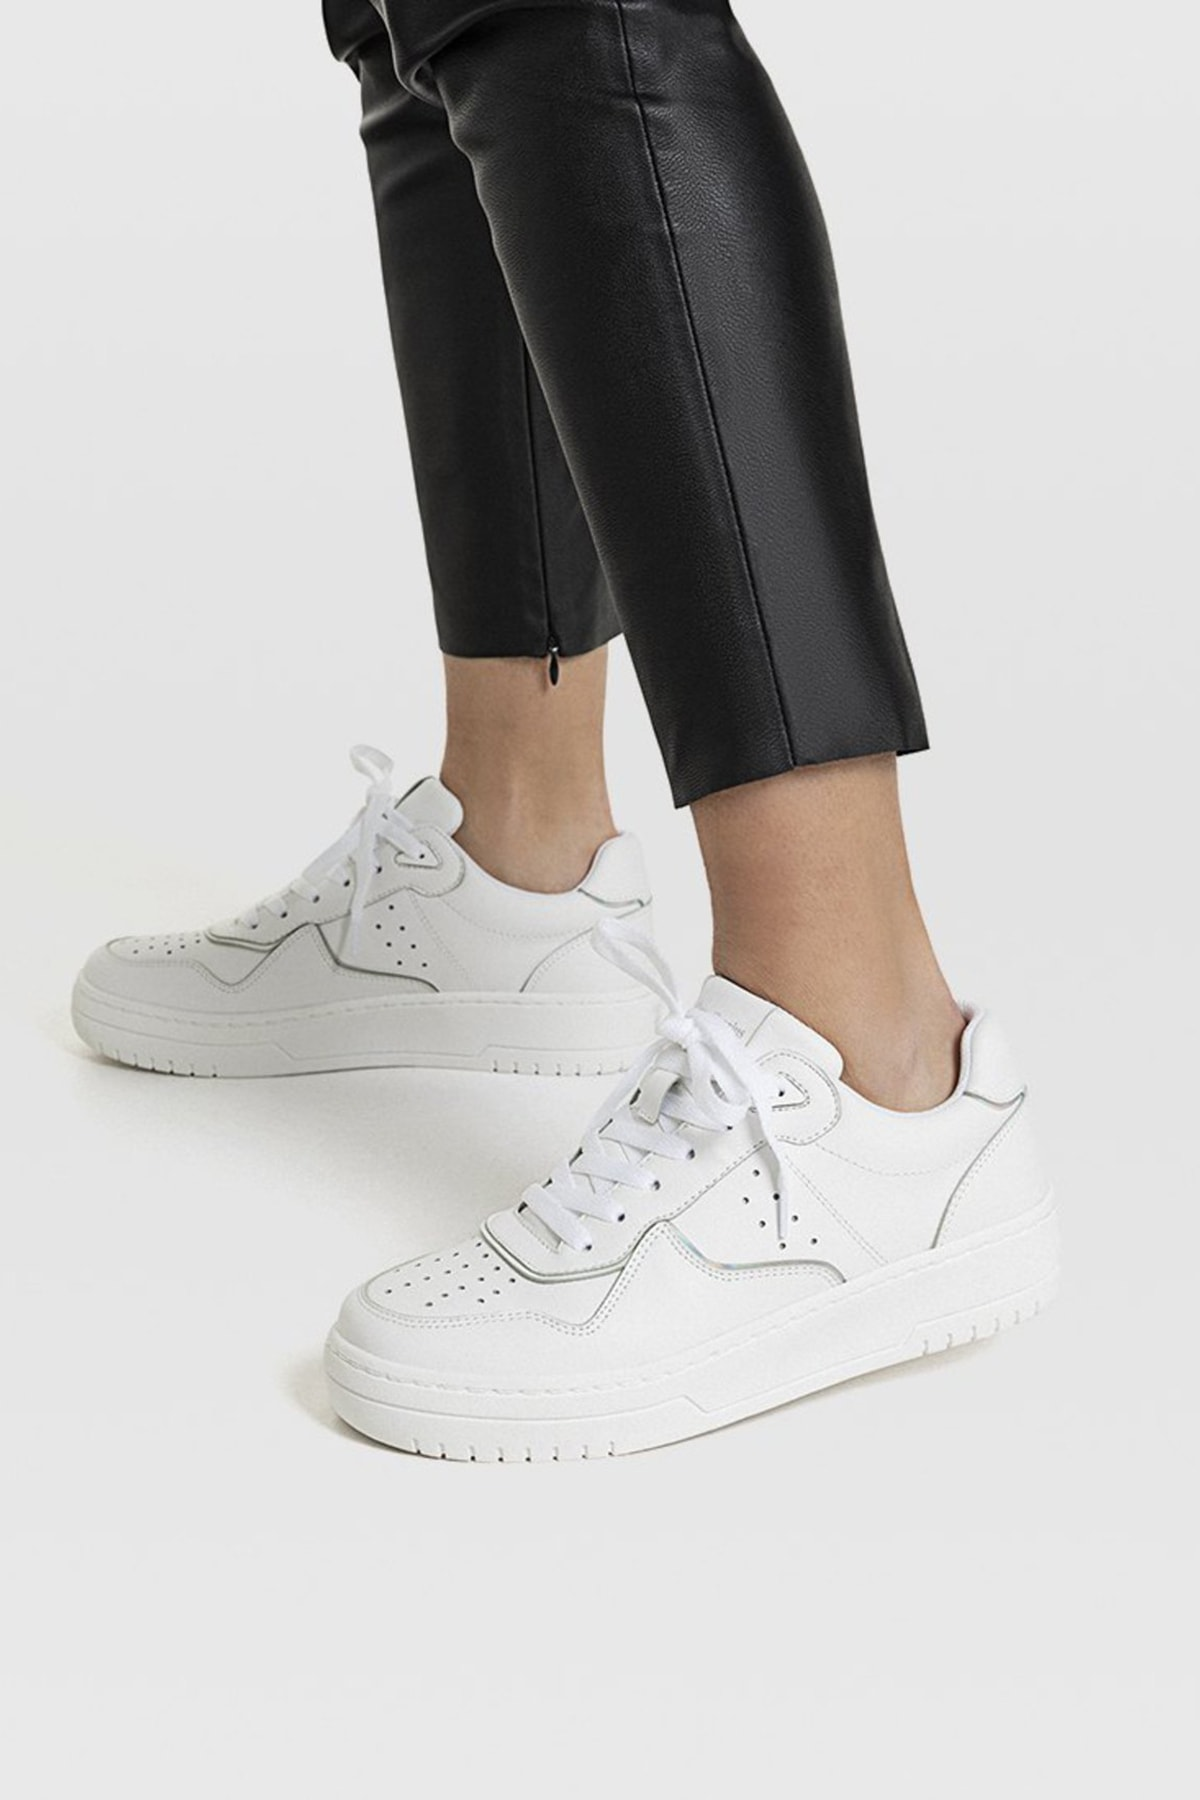 Stradivarius Kadın Beyaz Şeritli Spor Ayakkabı 19002570 4